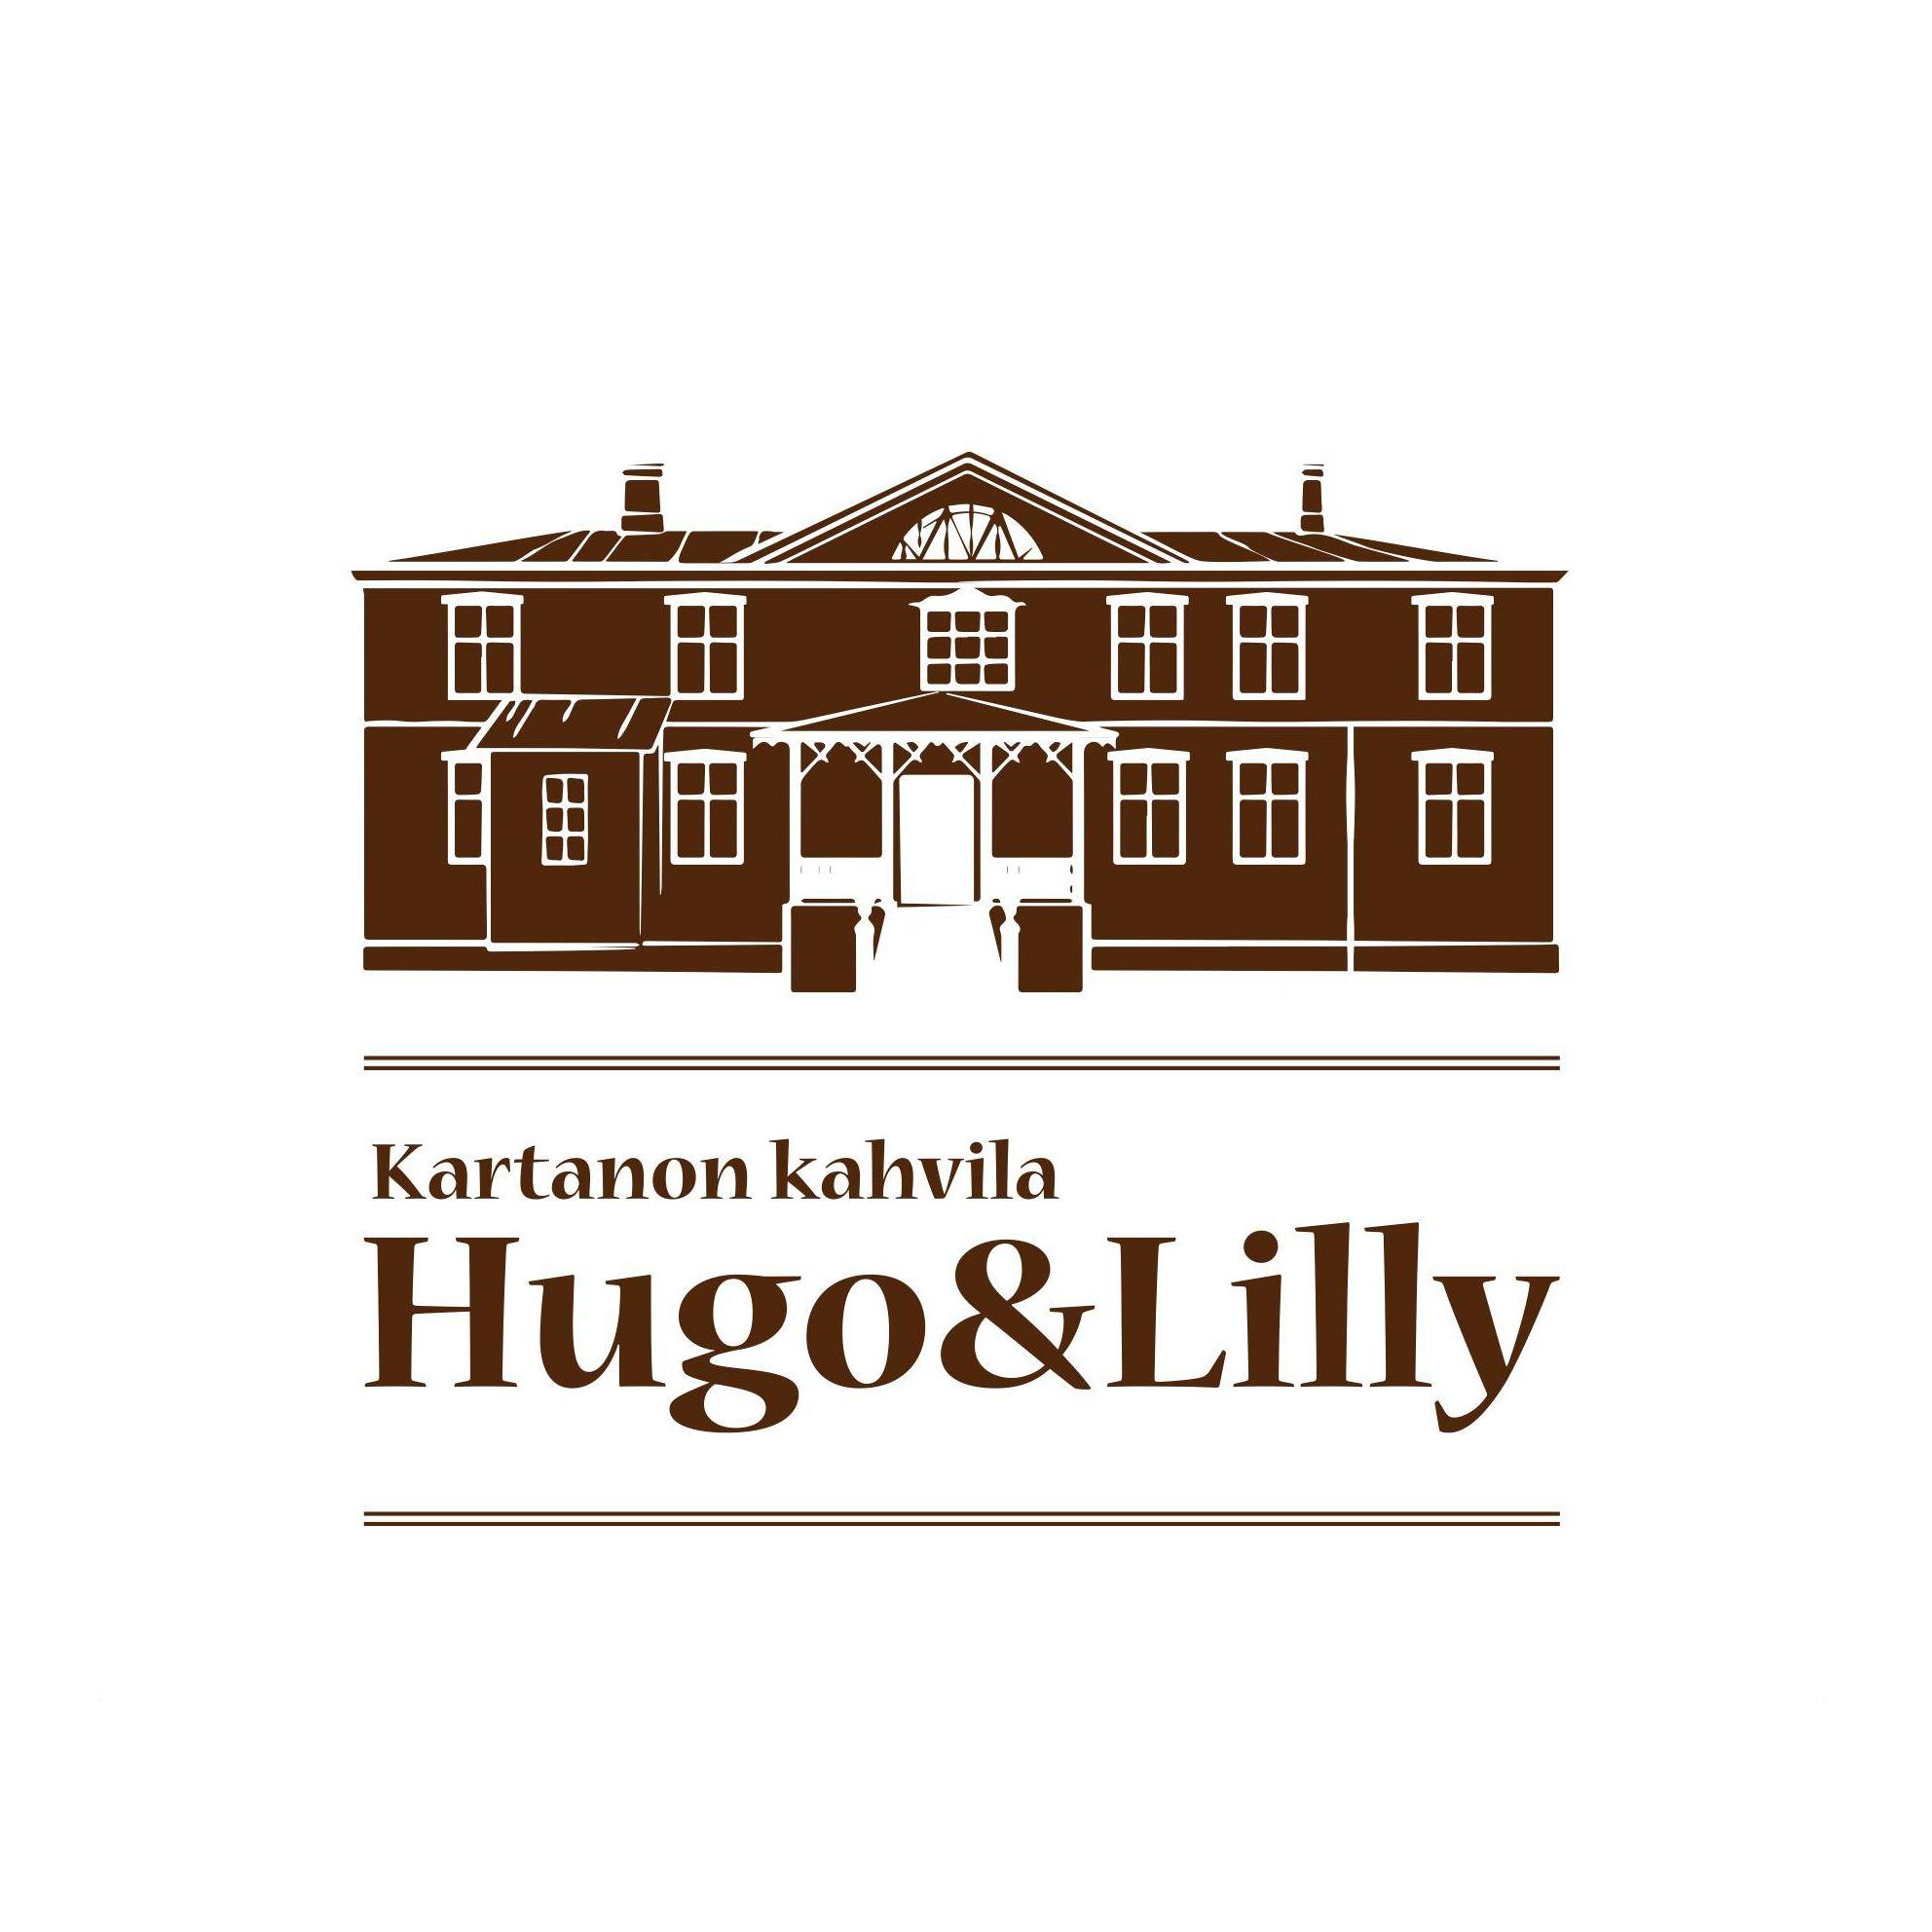 Kesäkahvila | Urajärven Kartanon kahvila Hugo&Lilly